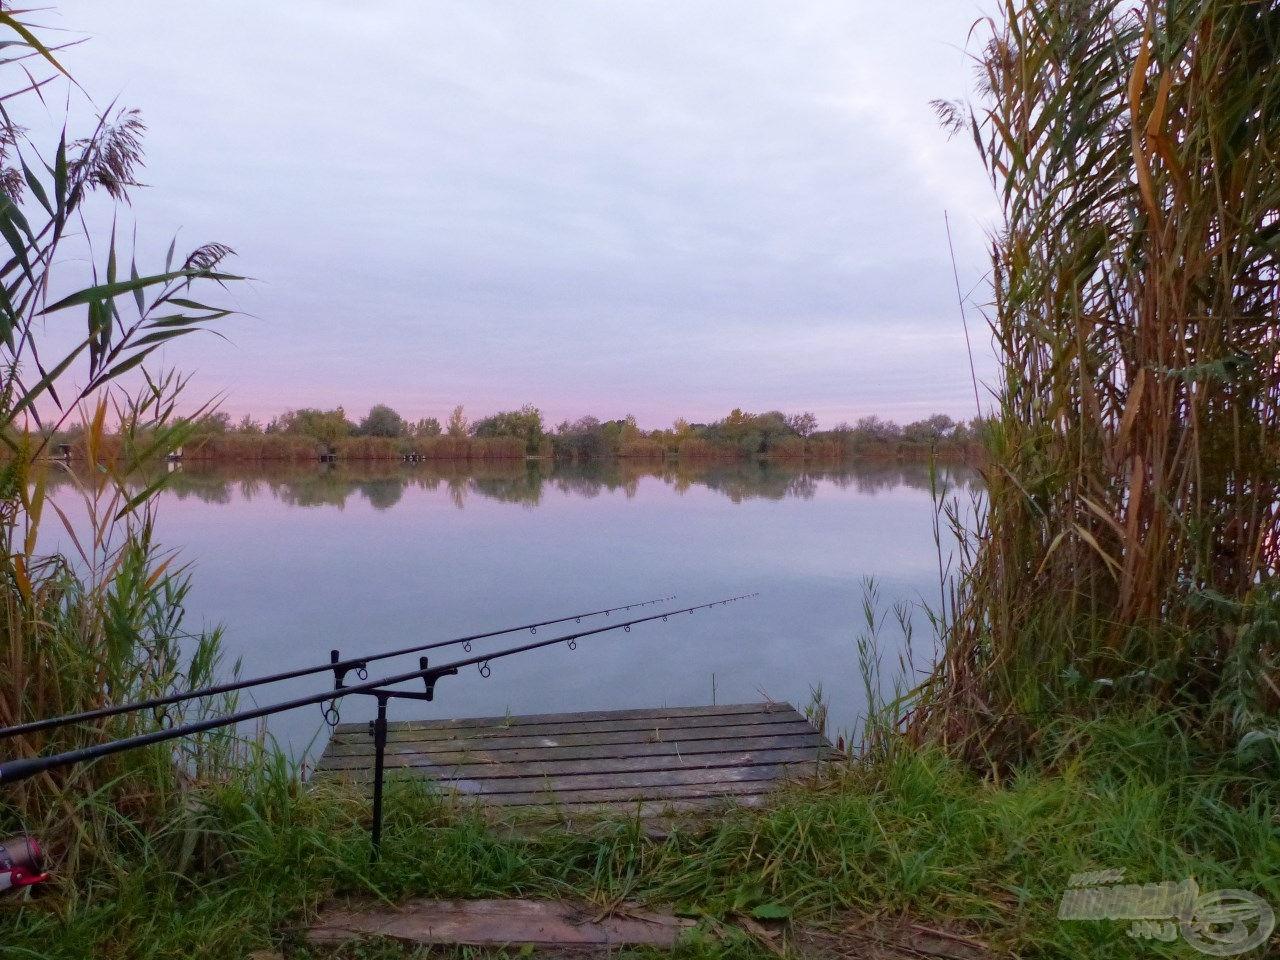 Viszonylag szűk, náddal benőtt horgászhely, ami azóta is az itteni horgászataim állandó helyszíne